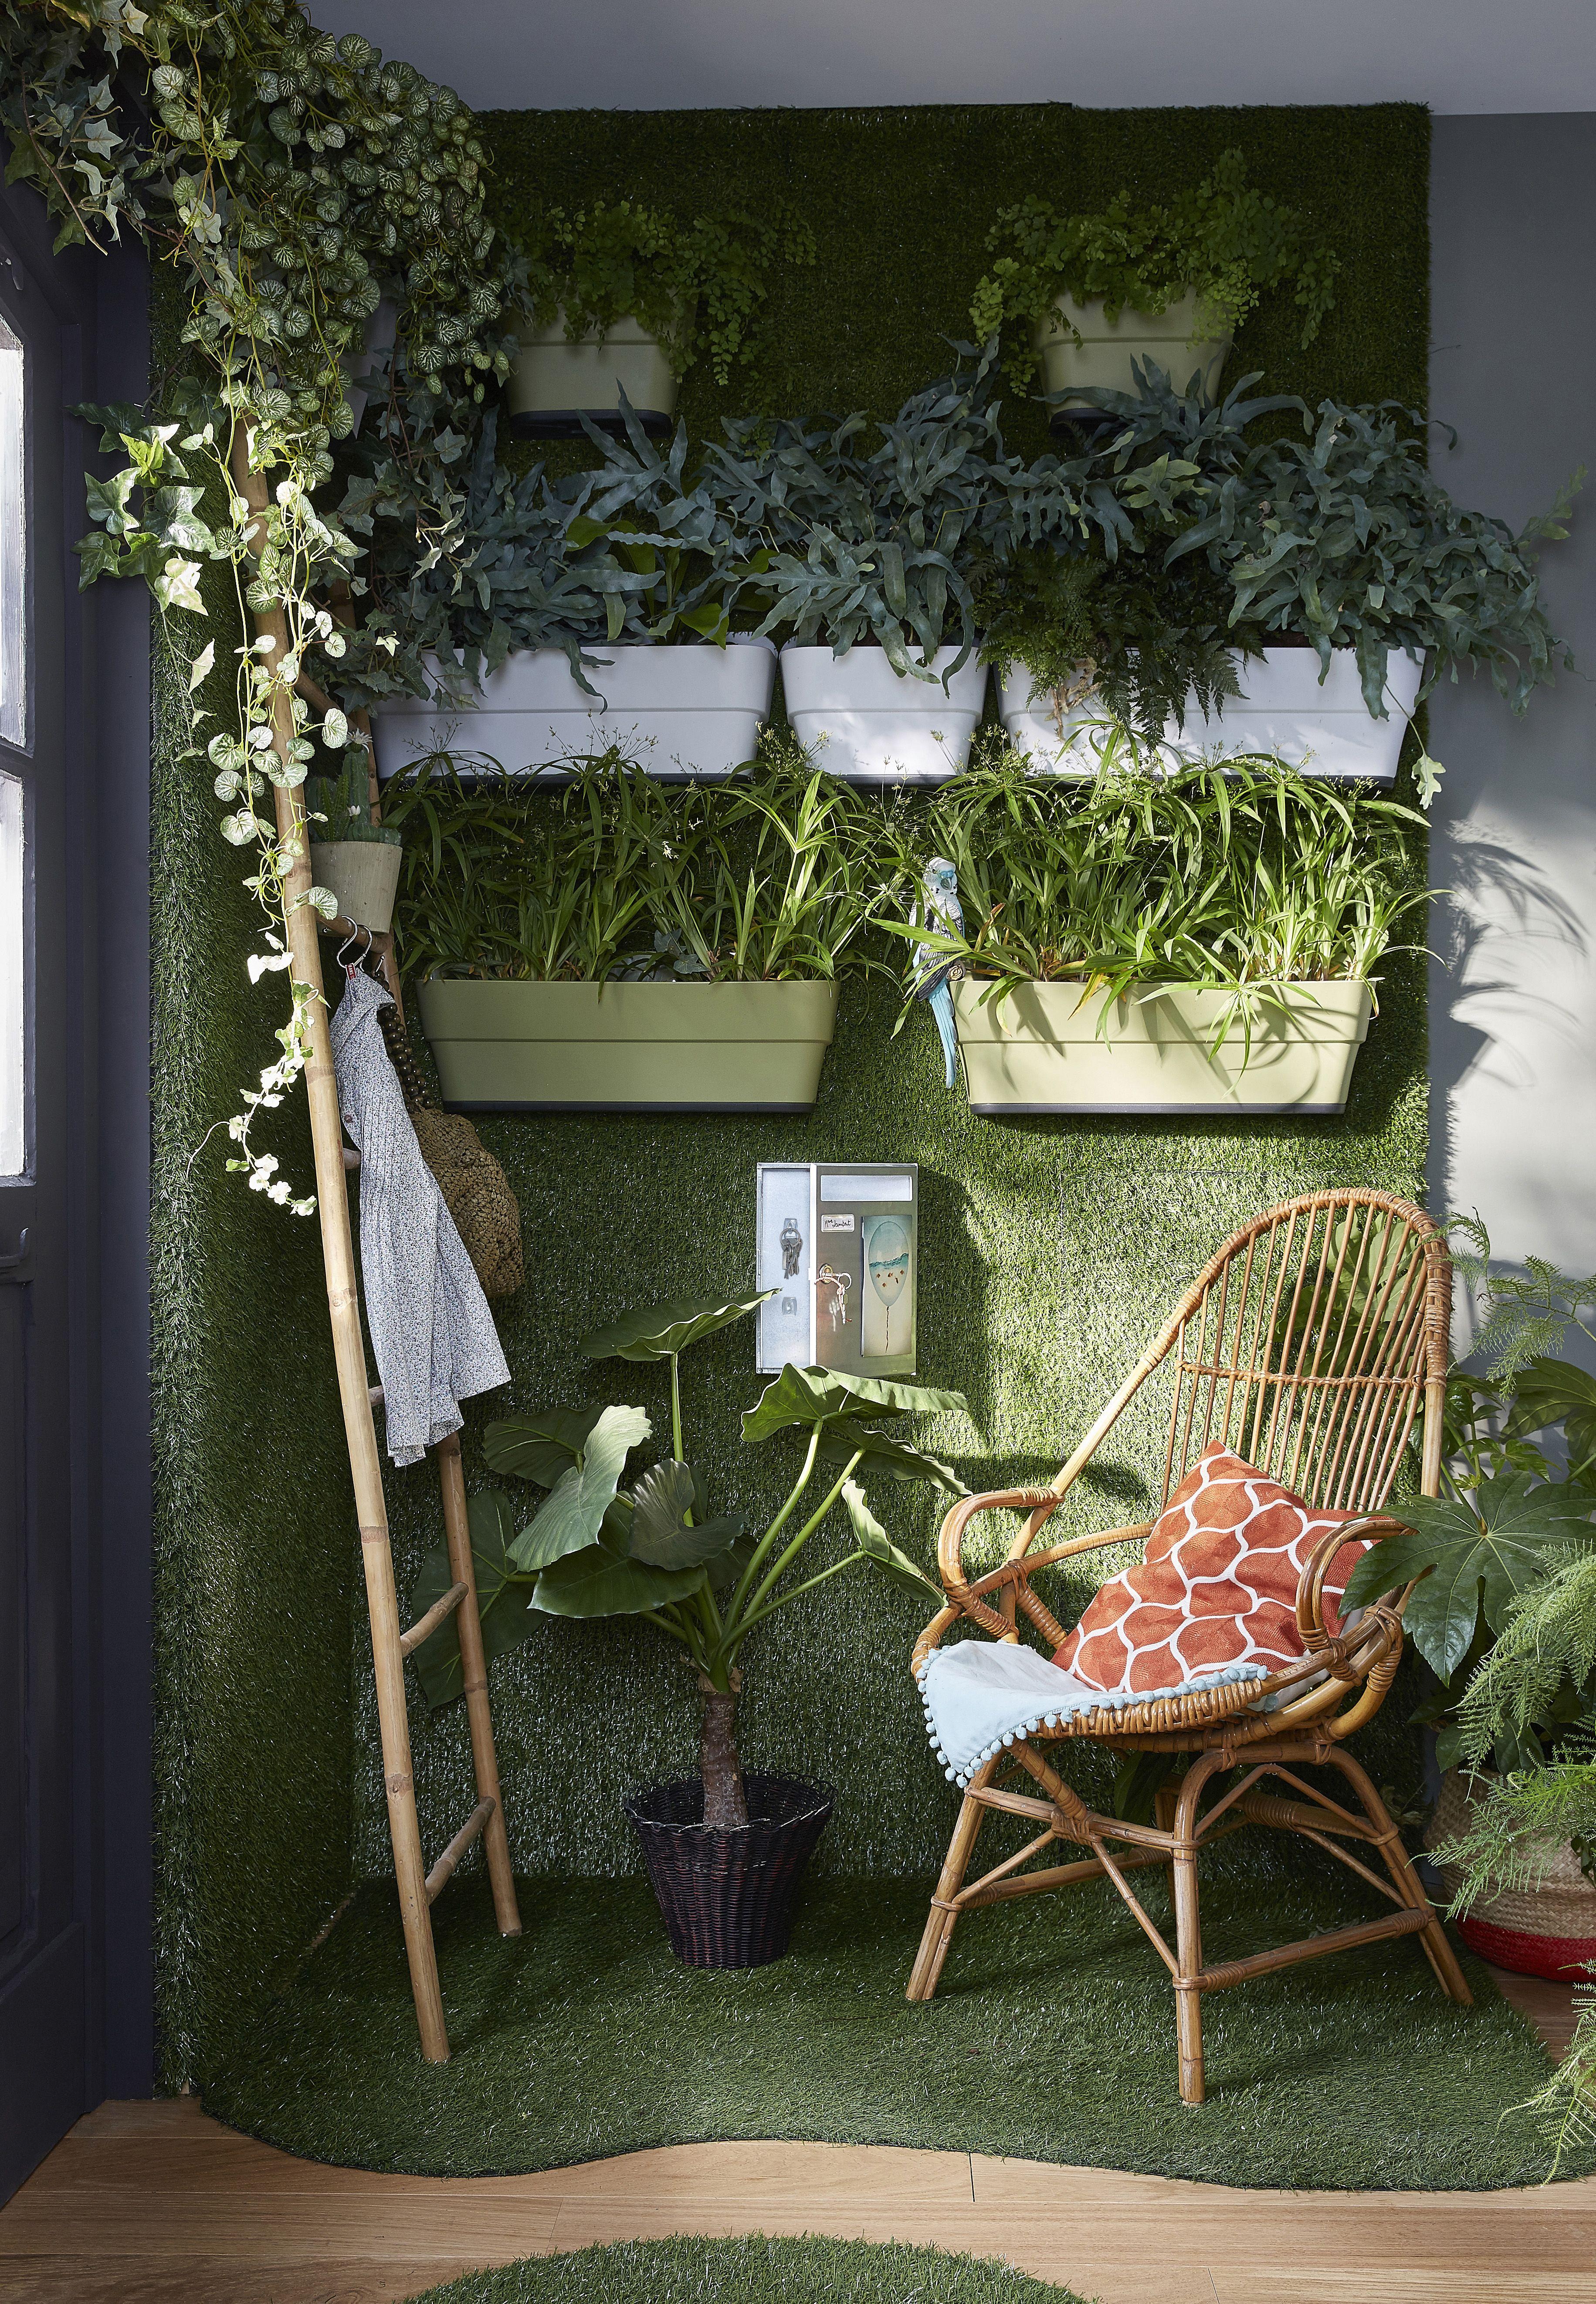 frez vous un jardin en intérieur en osant un mur végétal